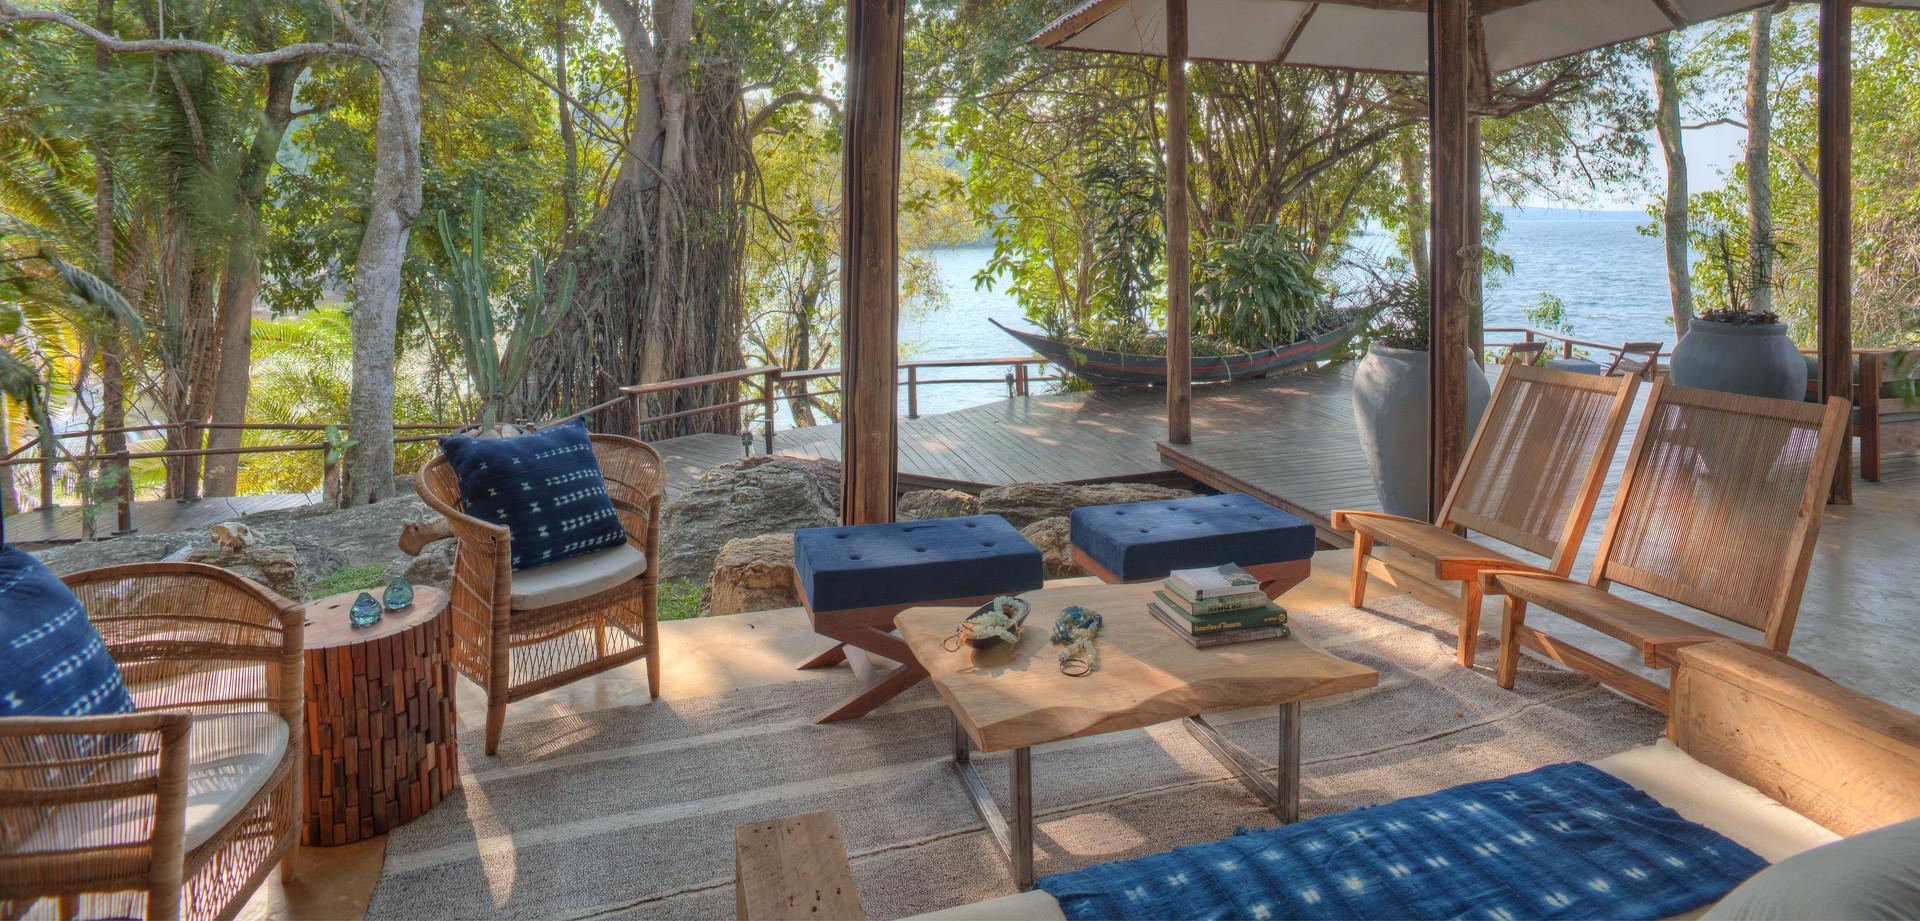 Lounge Area Rubondo Island Chimp Camp Ta